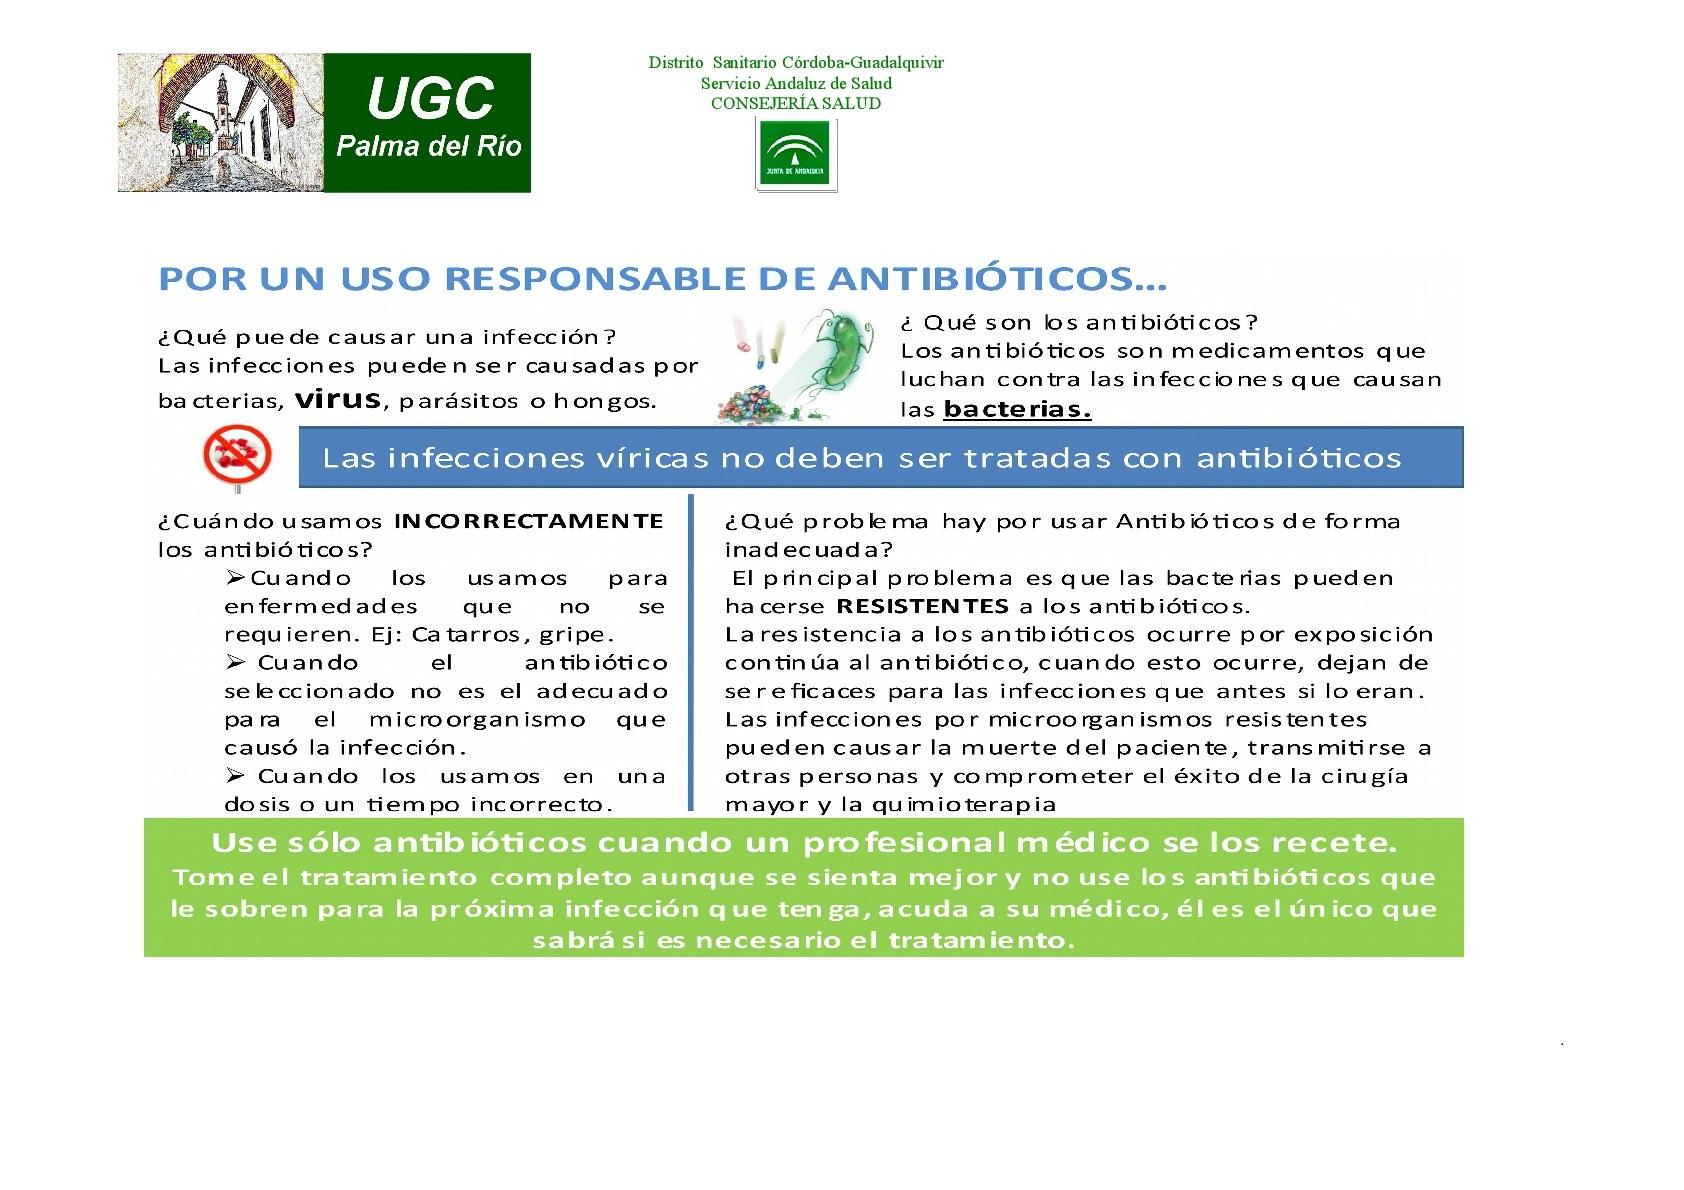 https://www.palmadelrio.es/sites/default/files/por_un_uso_responsable_de_antibioticos-1-001.jpg